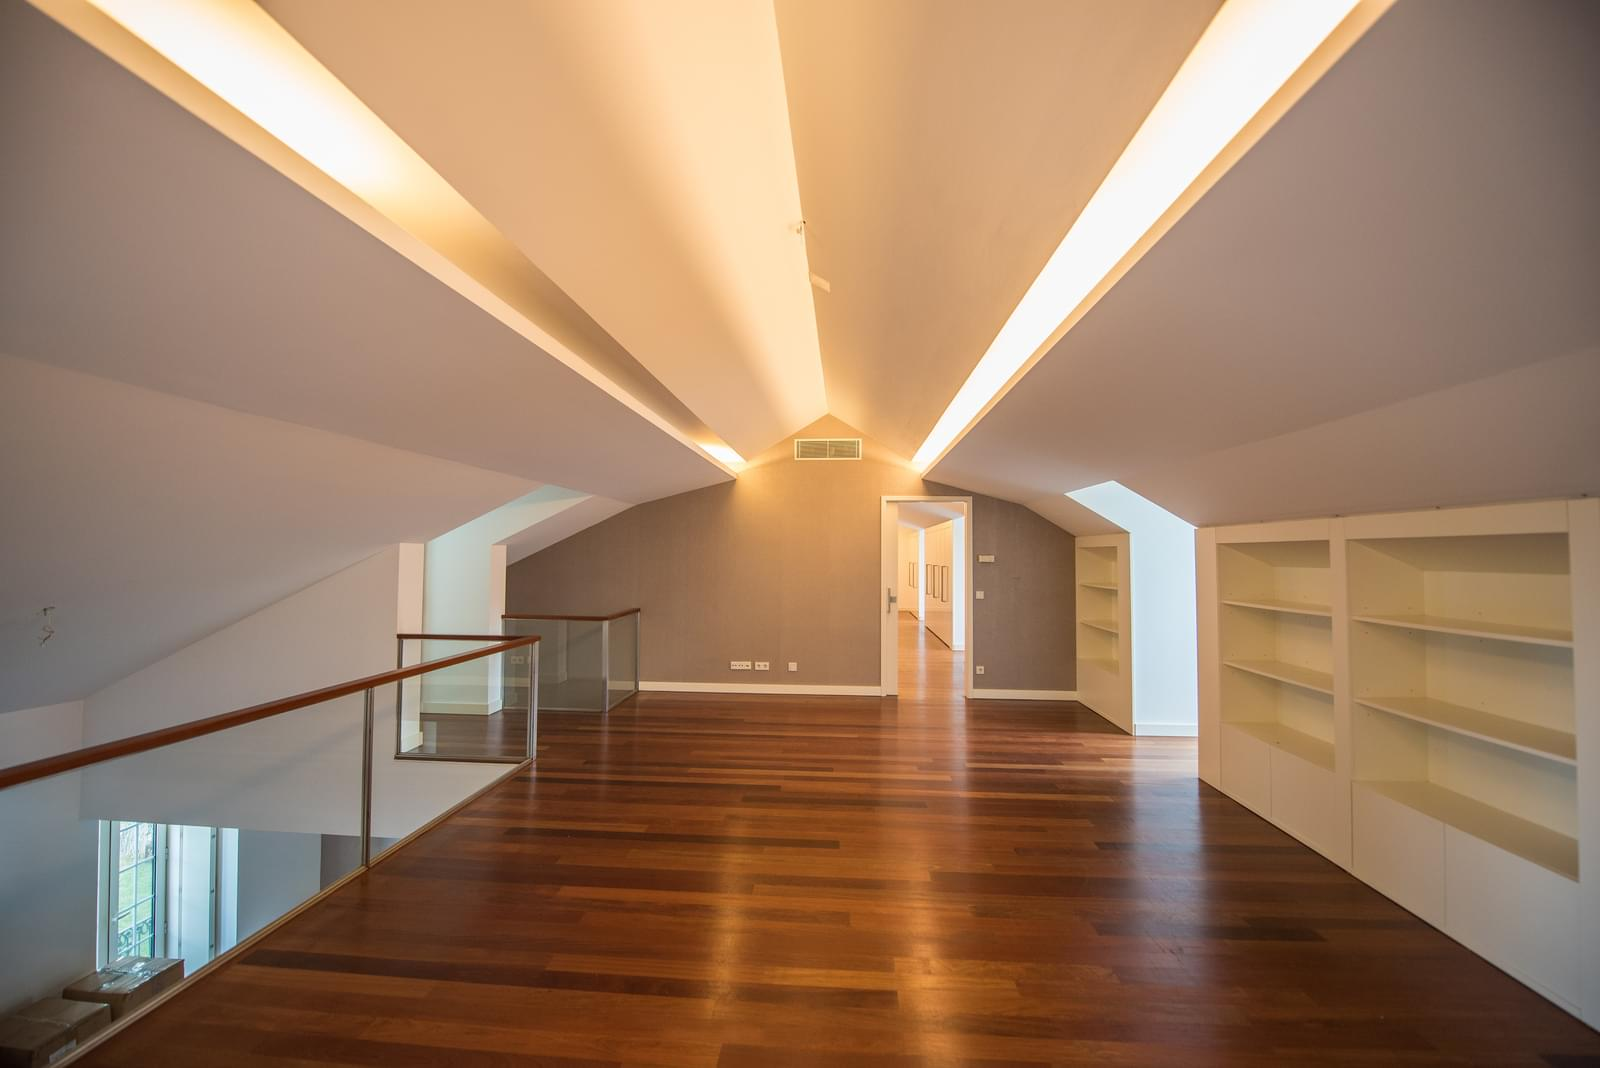 pf19211-apartamento-t4-lisboa-6231da0a-115f-433c-b1bd-4cad3d1054e0